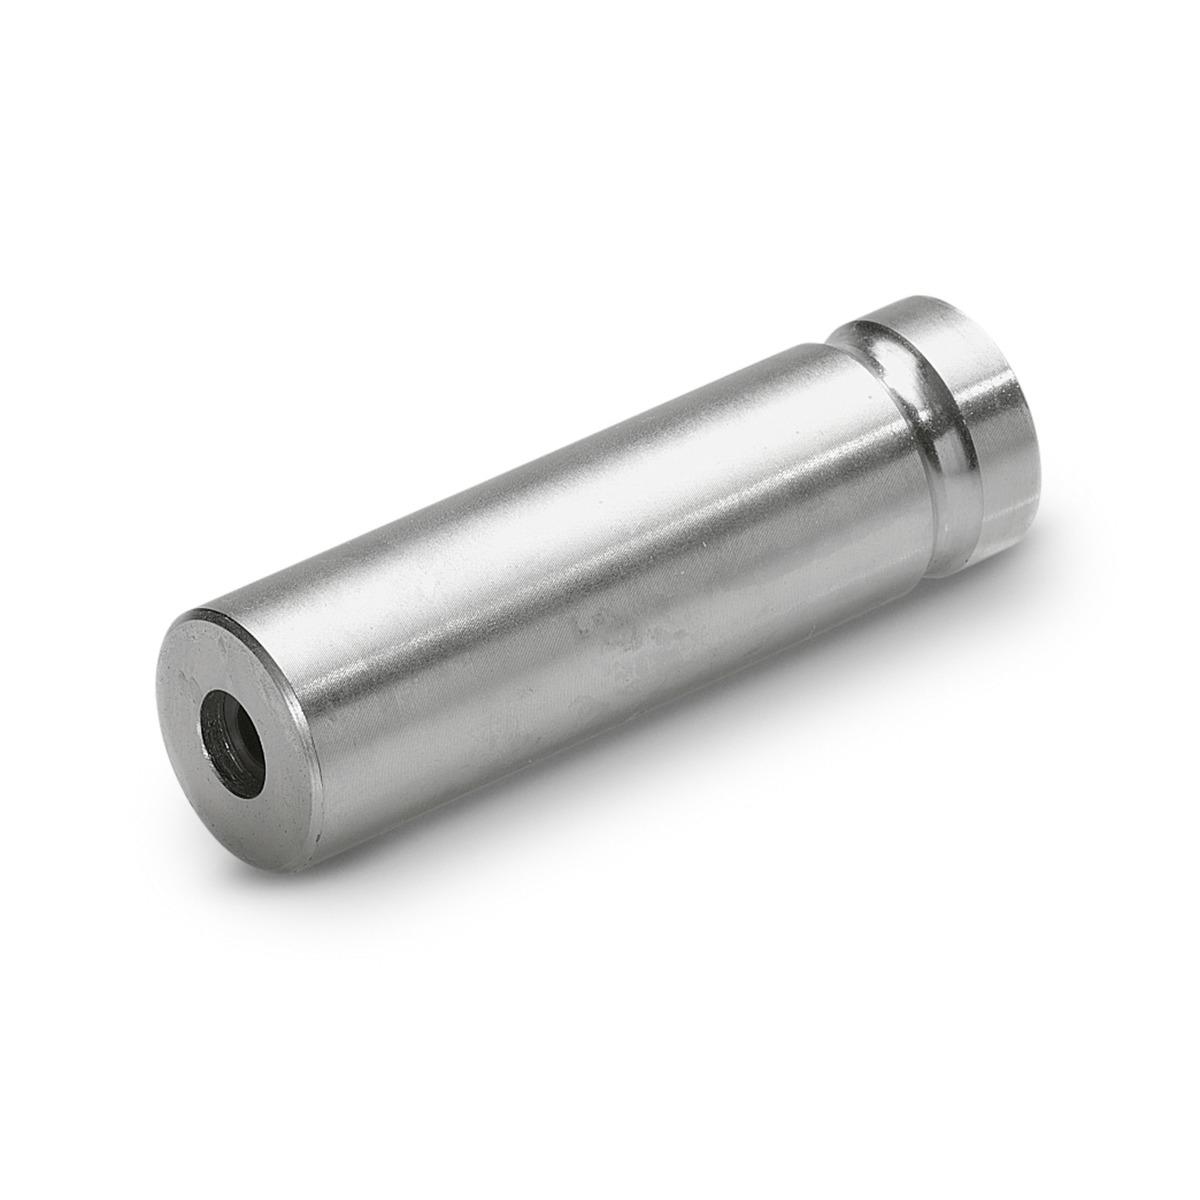 Kärcher Boron carbide nozzle, for machines up to 1,000 l/h